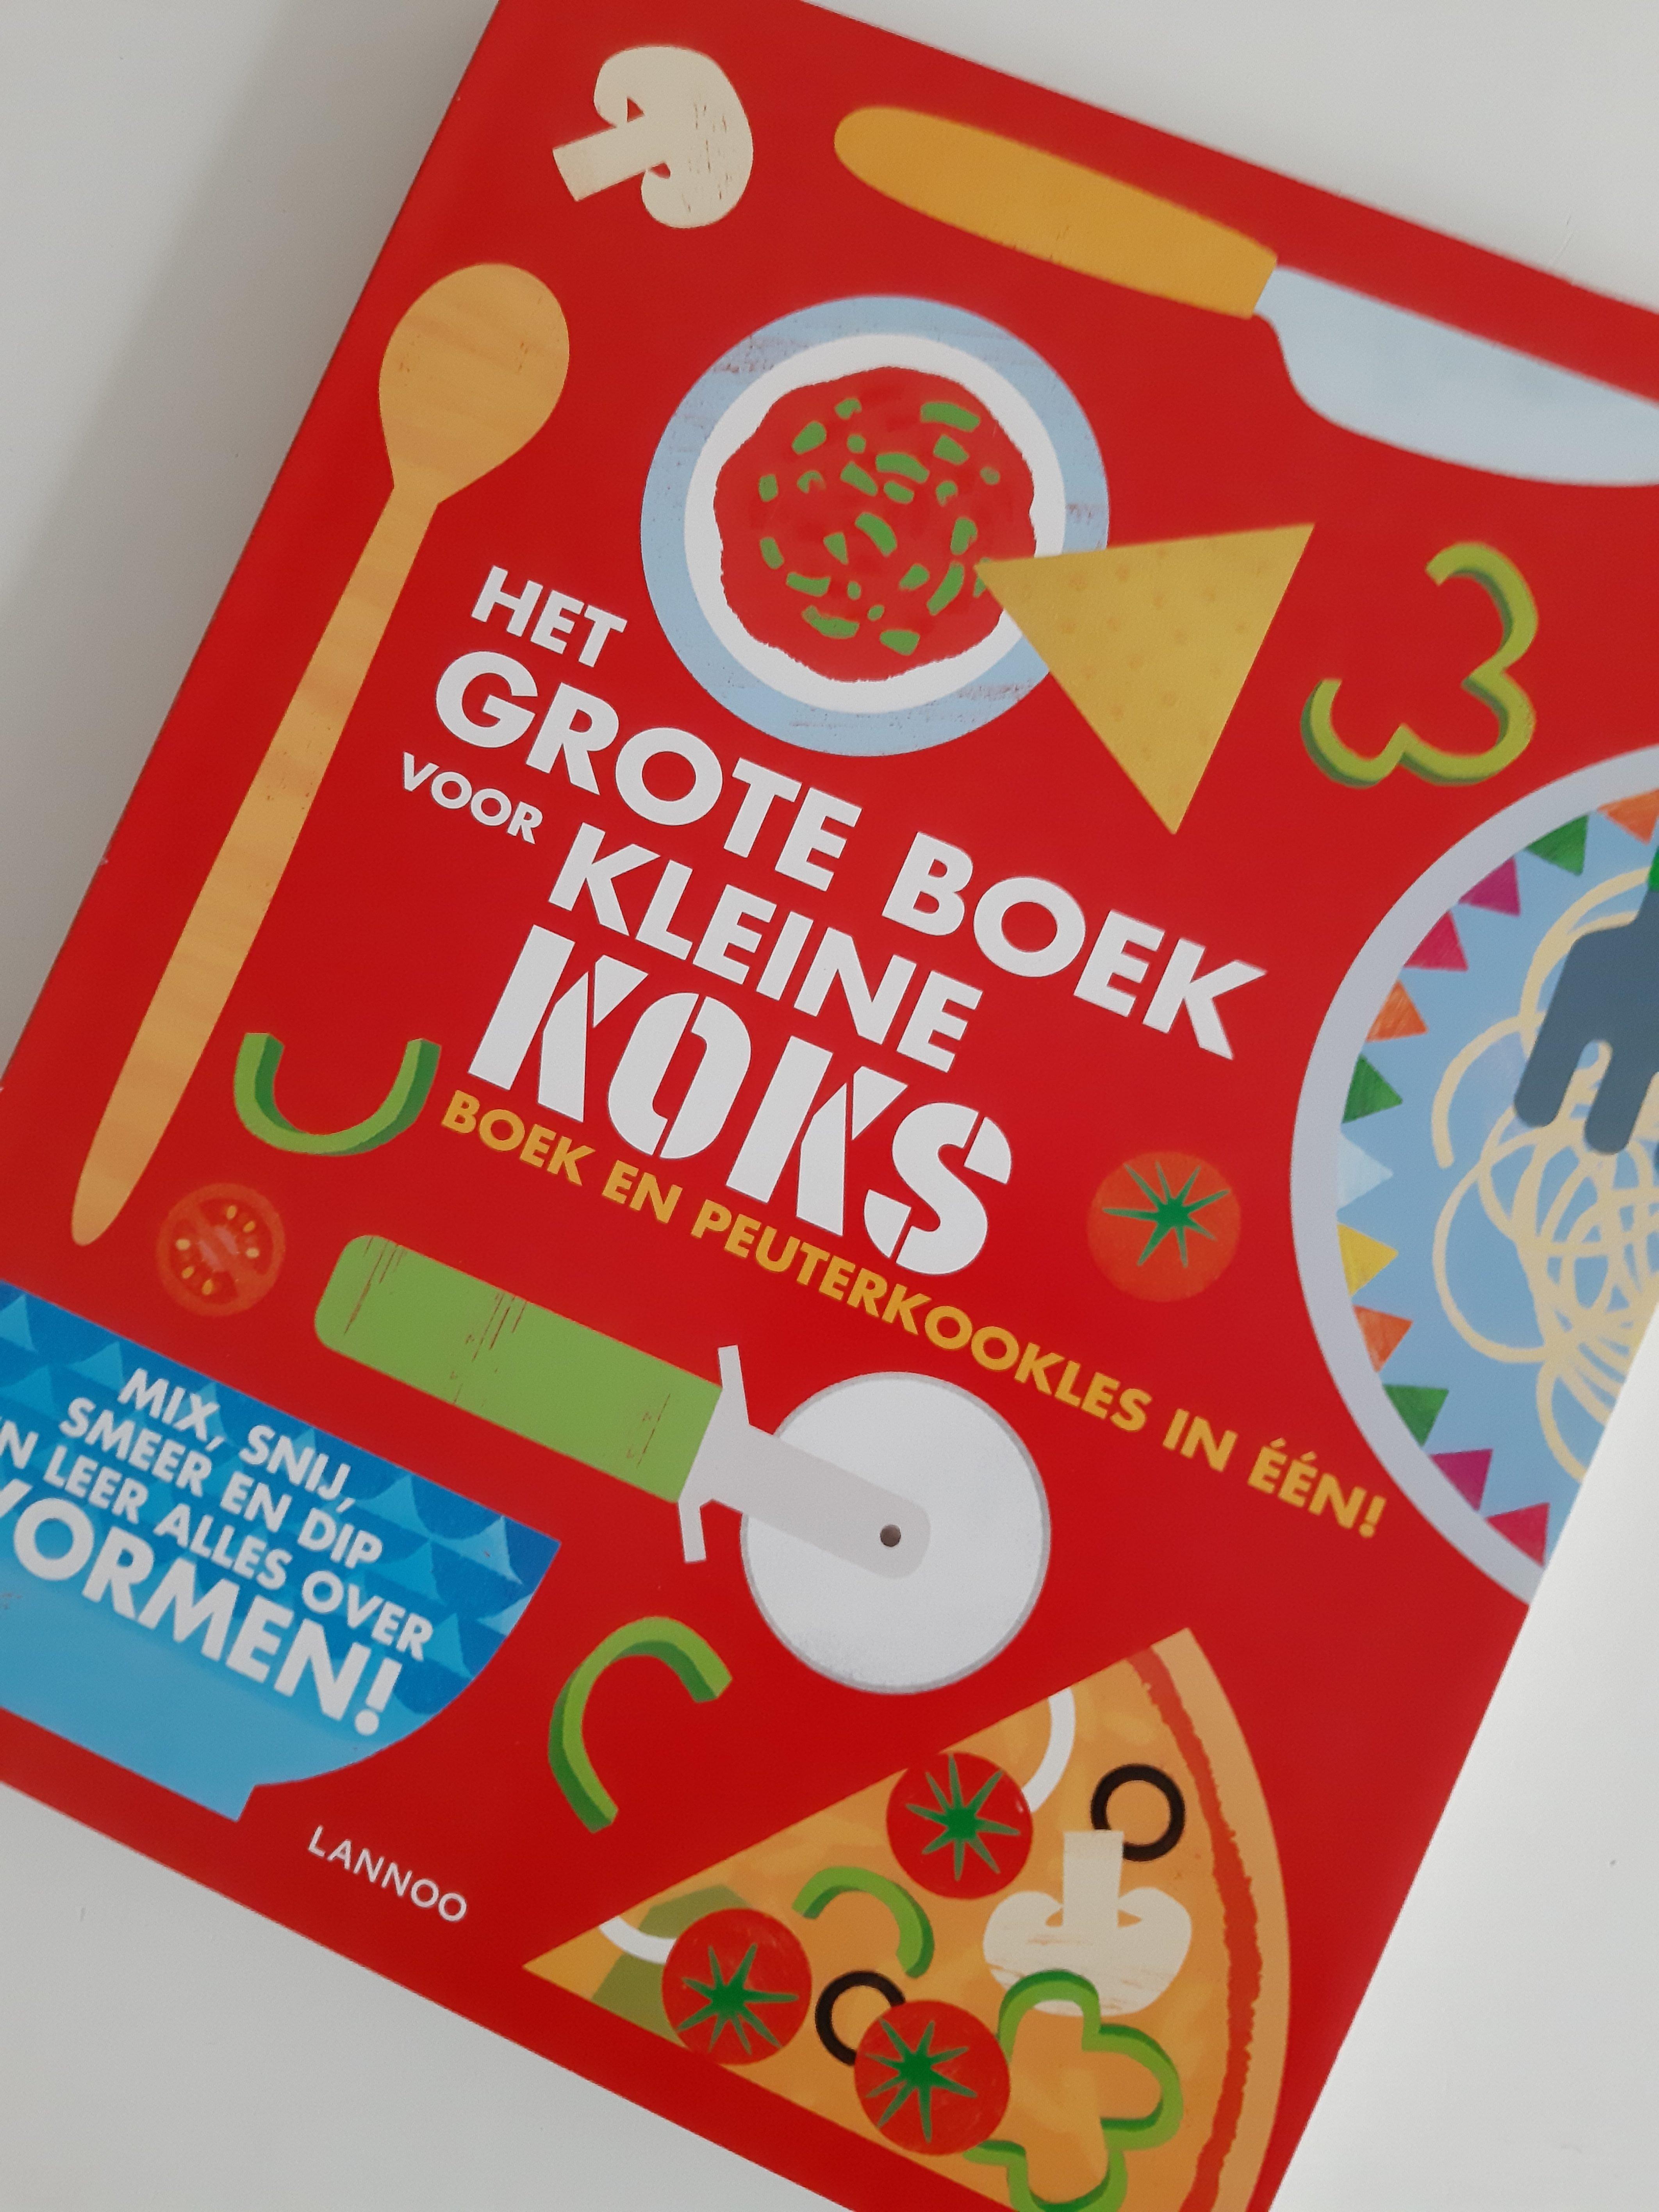 kinderboeken recensie moedersnu moedertjelief zulutions grote boek voor kleine koks1